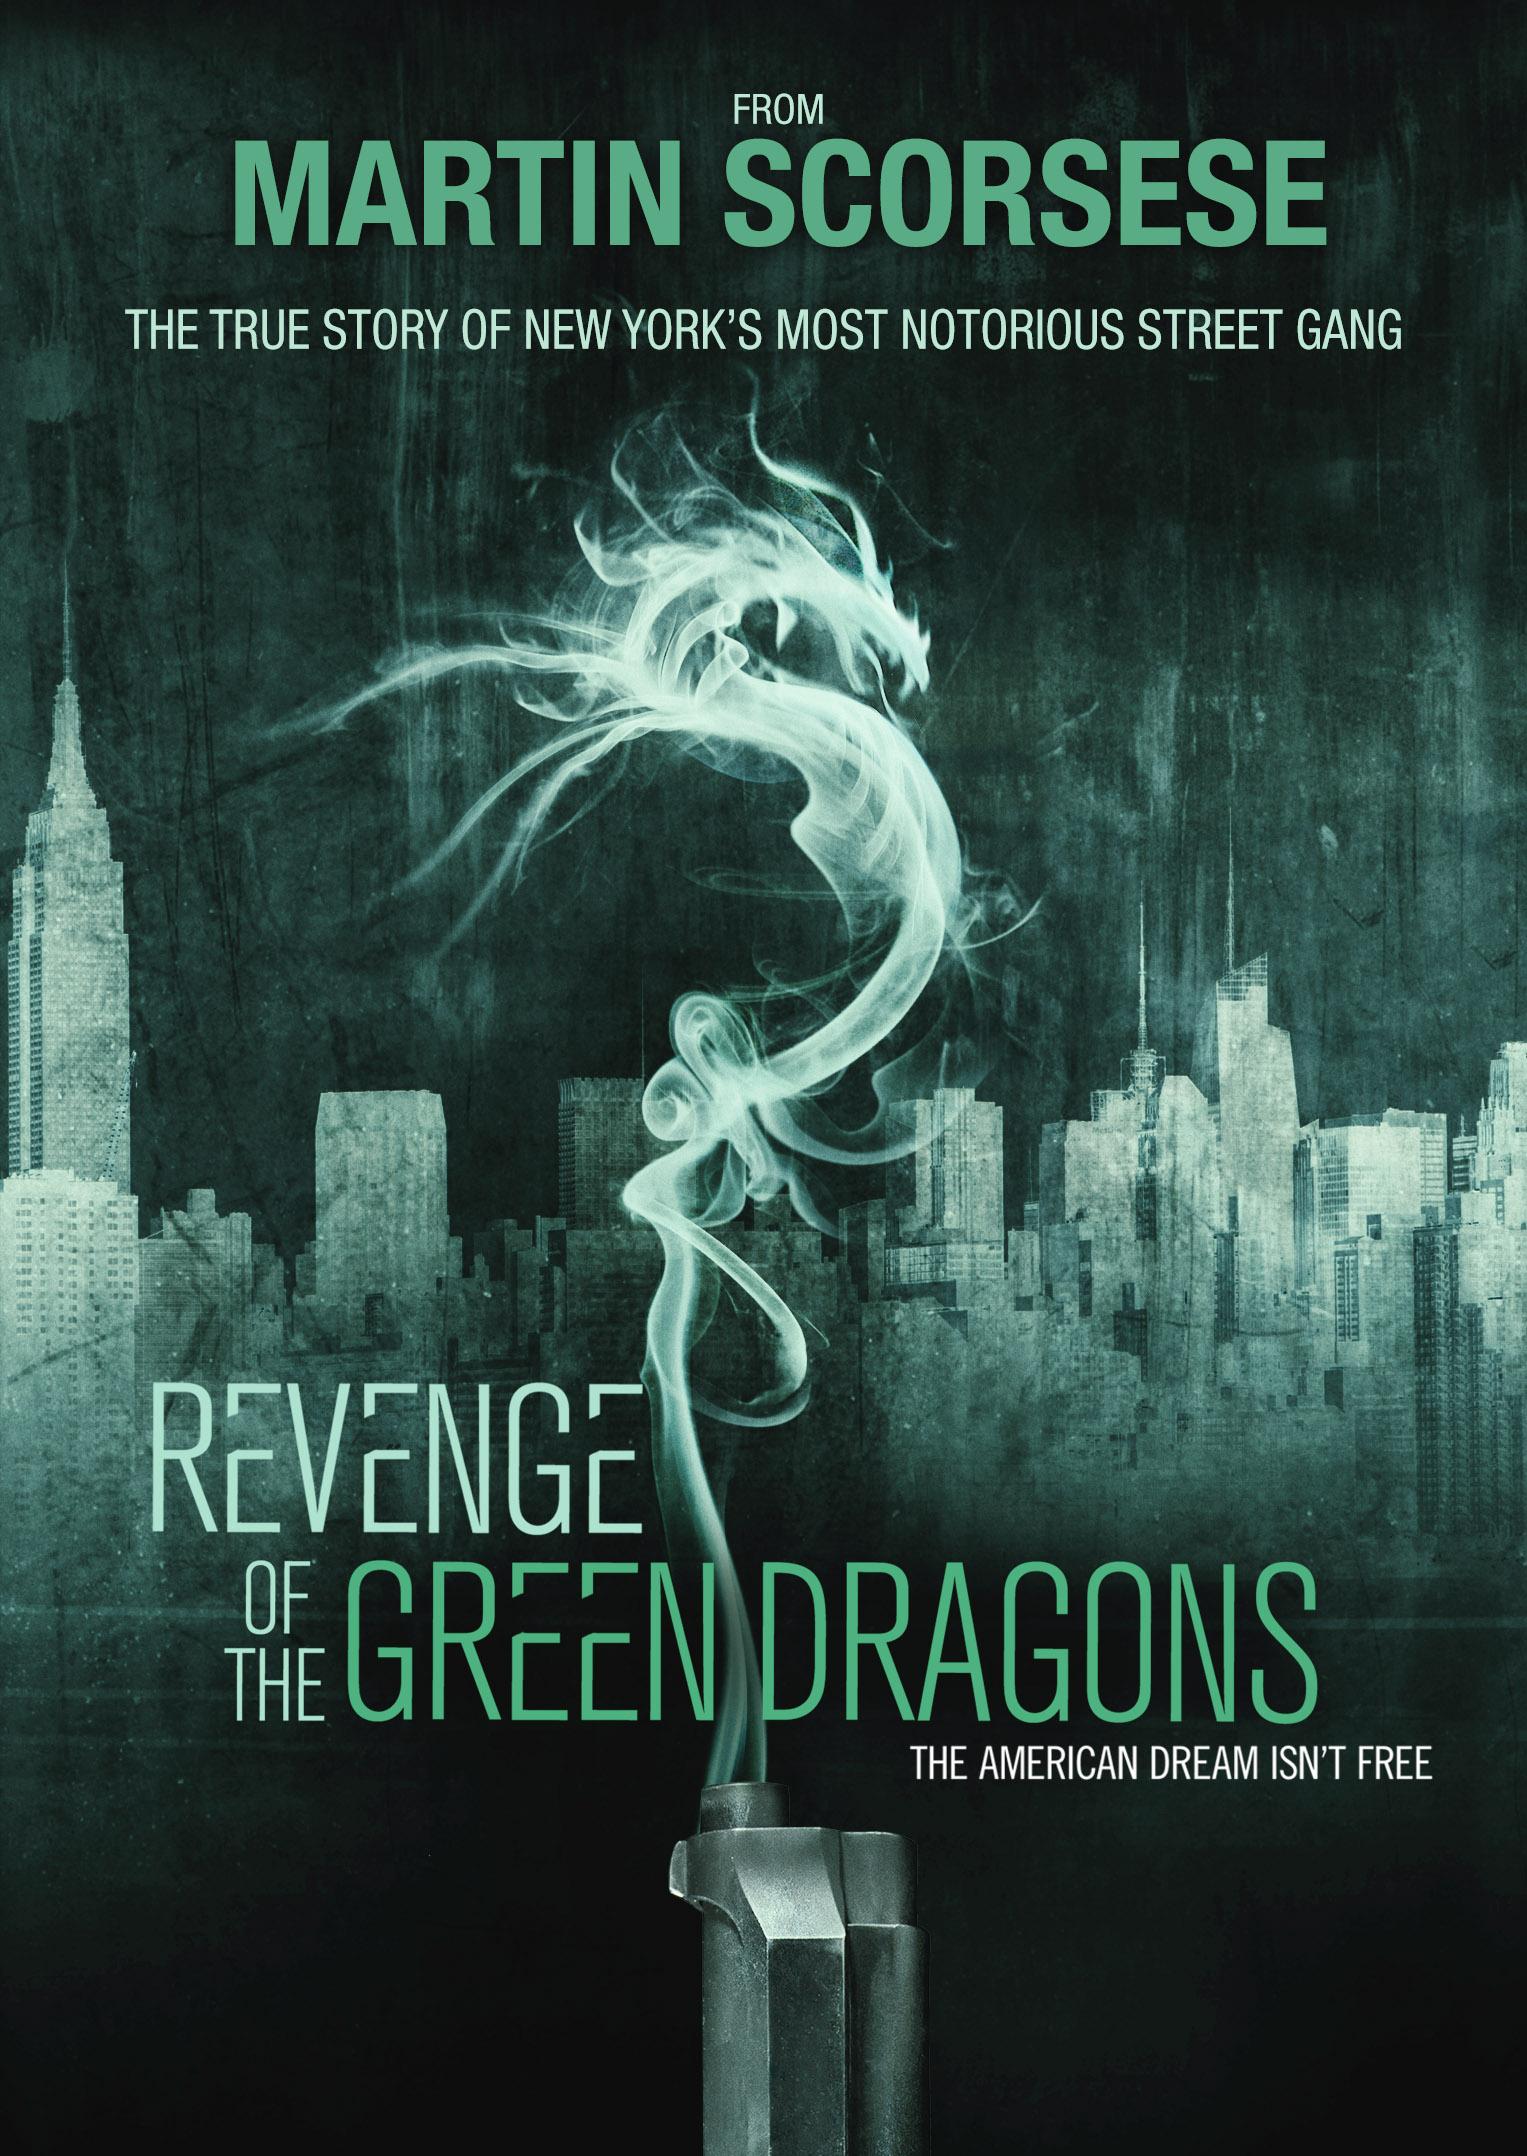 La venganza del dragón (2014)